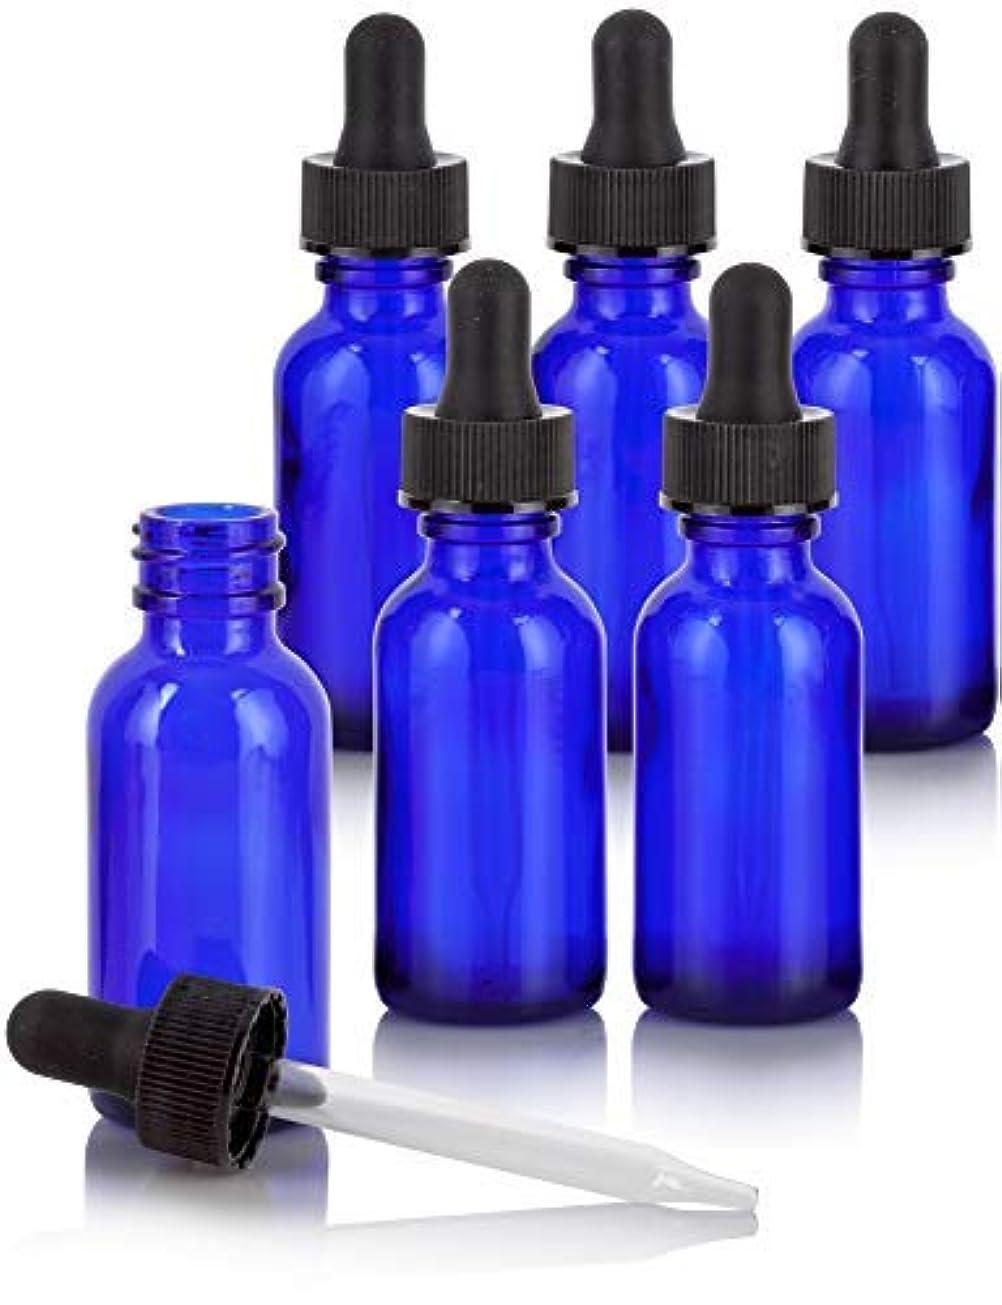 夕暮れ今再撮り1 oz Cobalt Blue Glass Boston Round Dropper Bottle (6 Pack) + Funnel and Labels for Essential Oils, Aromatherapy...